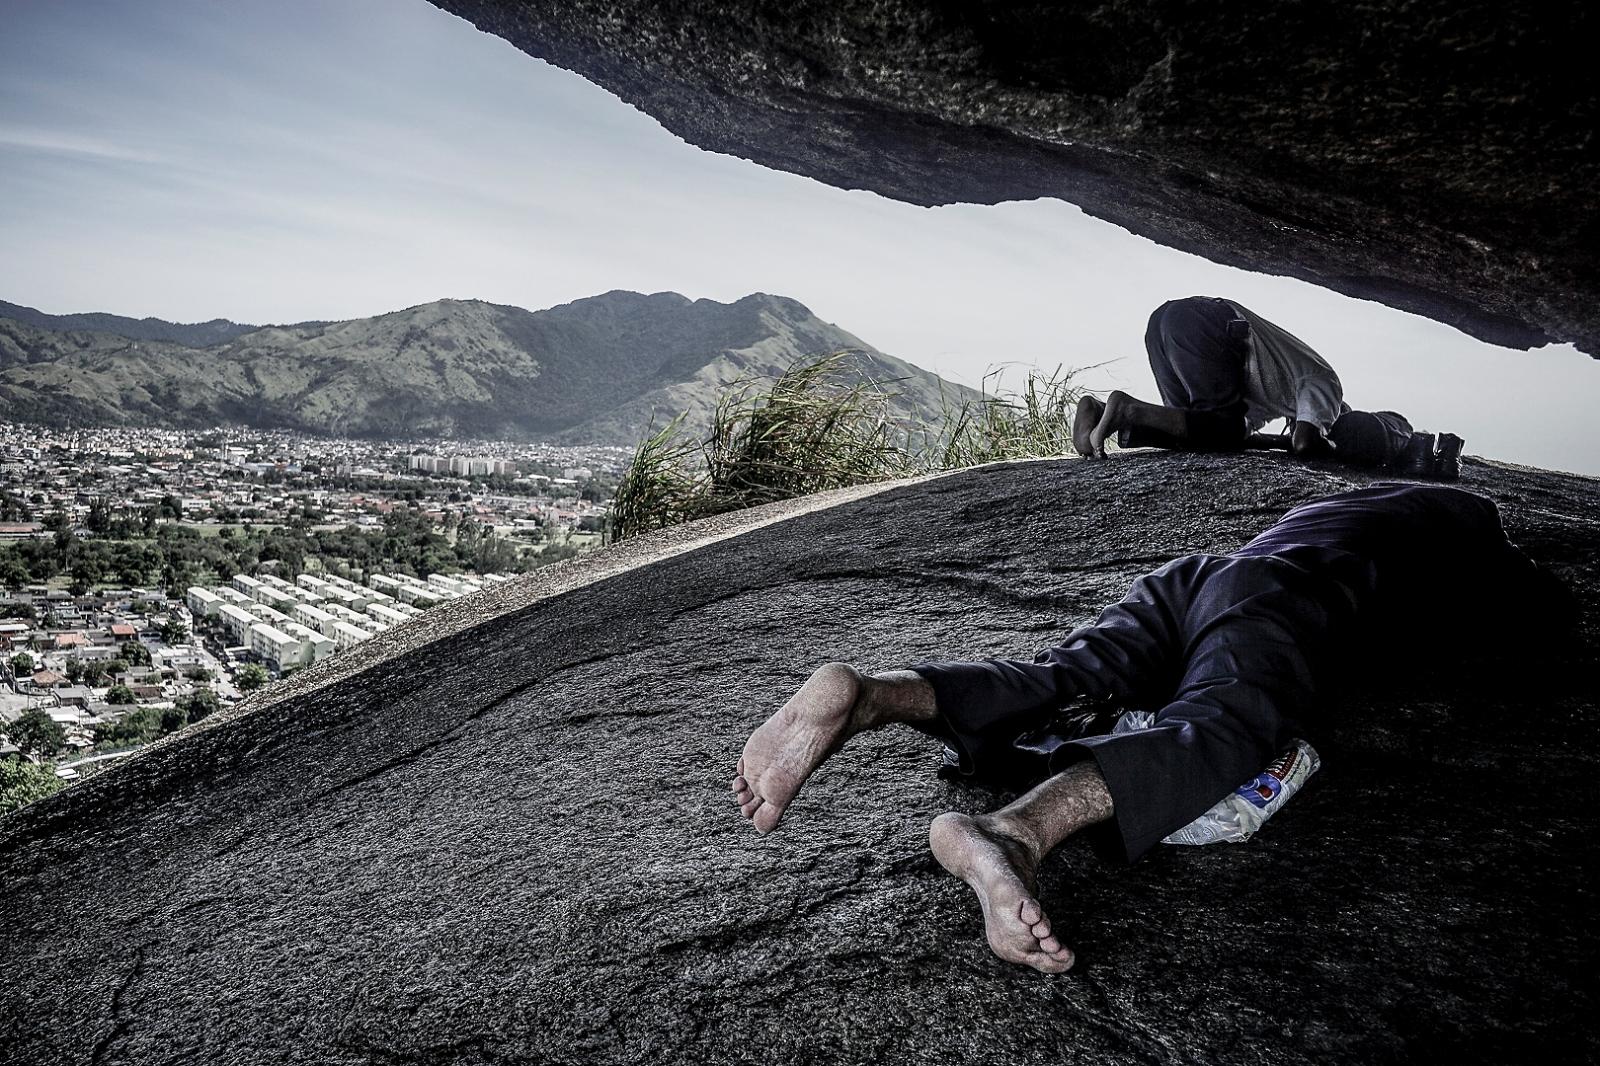 Art and Documentary Photography - Loading hills_of_faith010.JPG